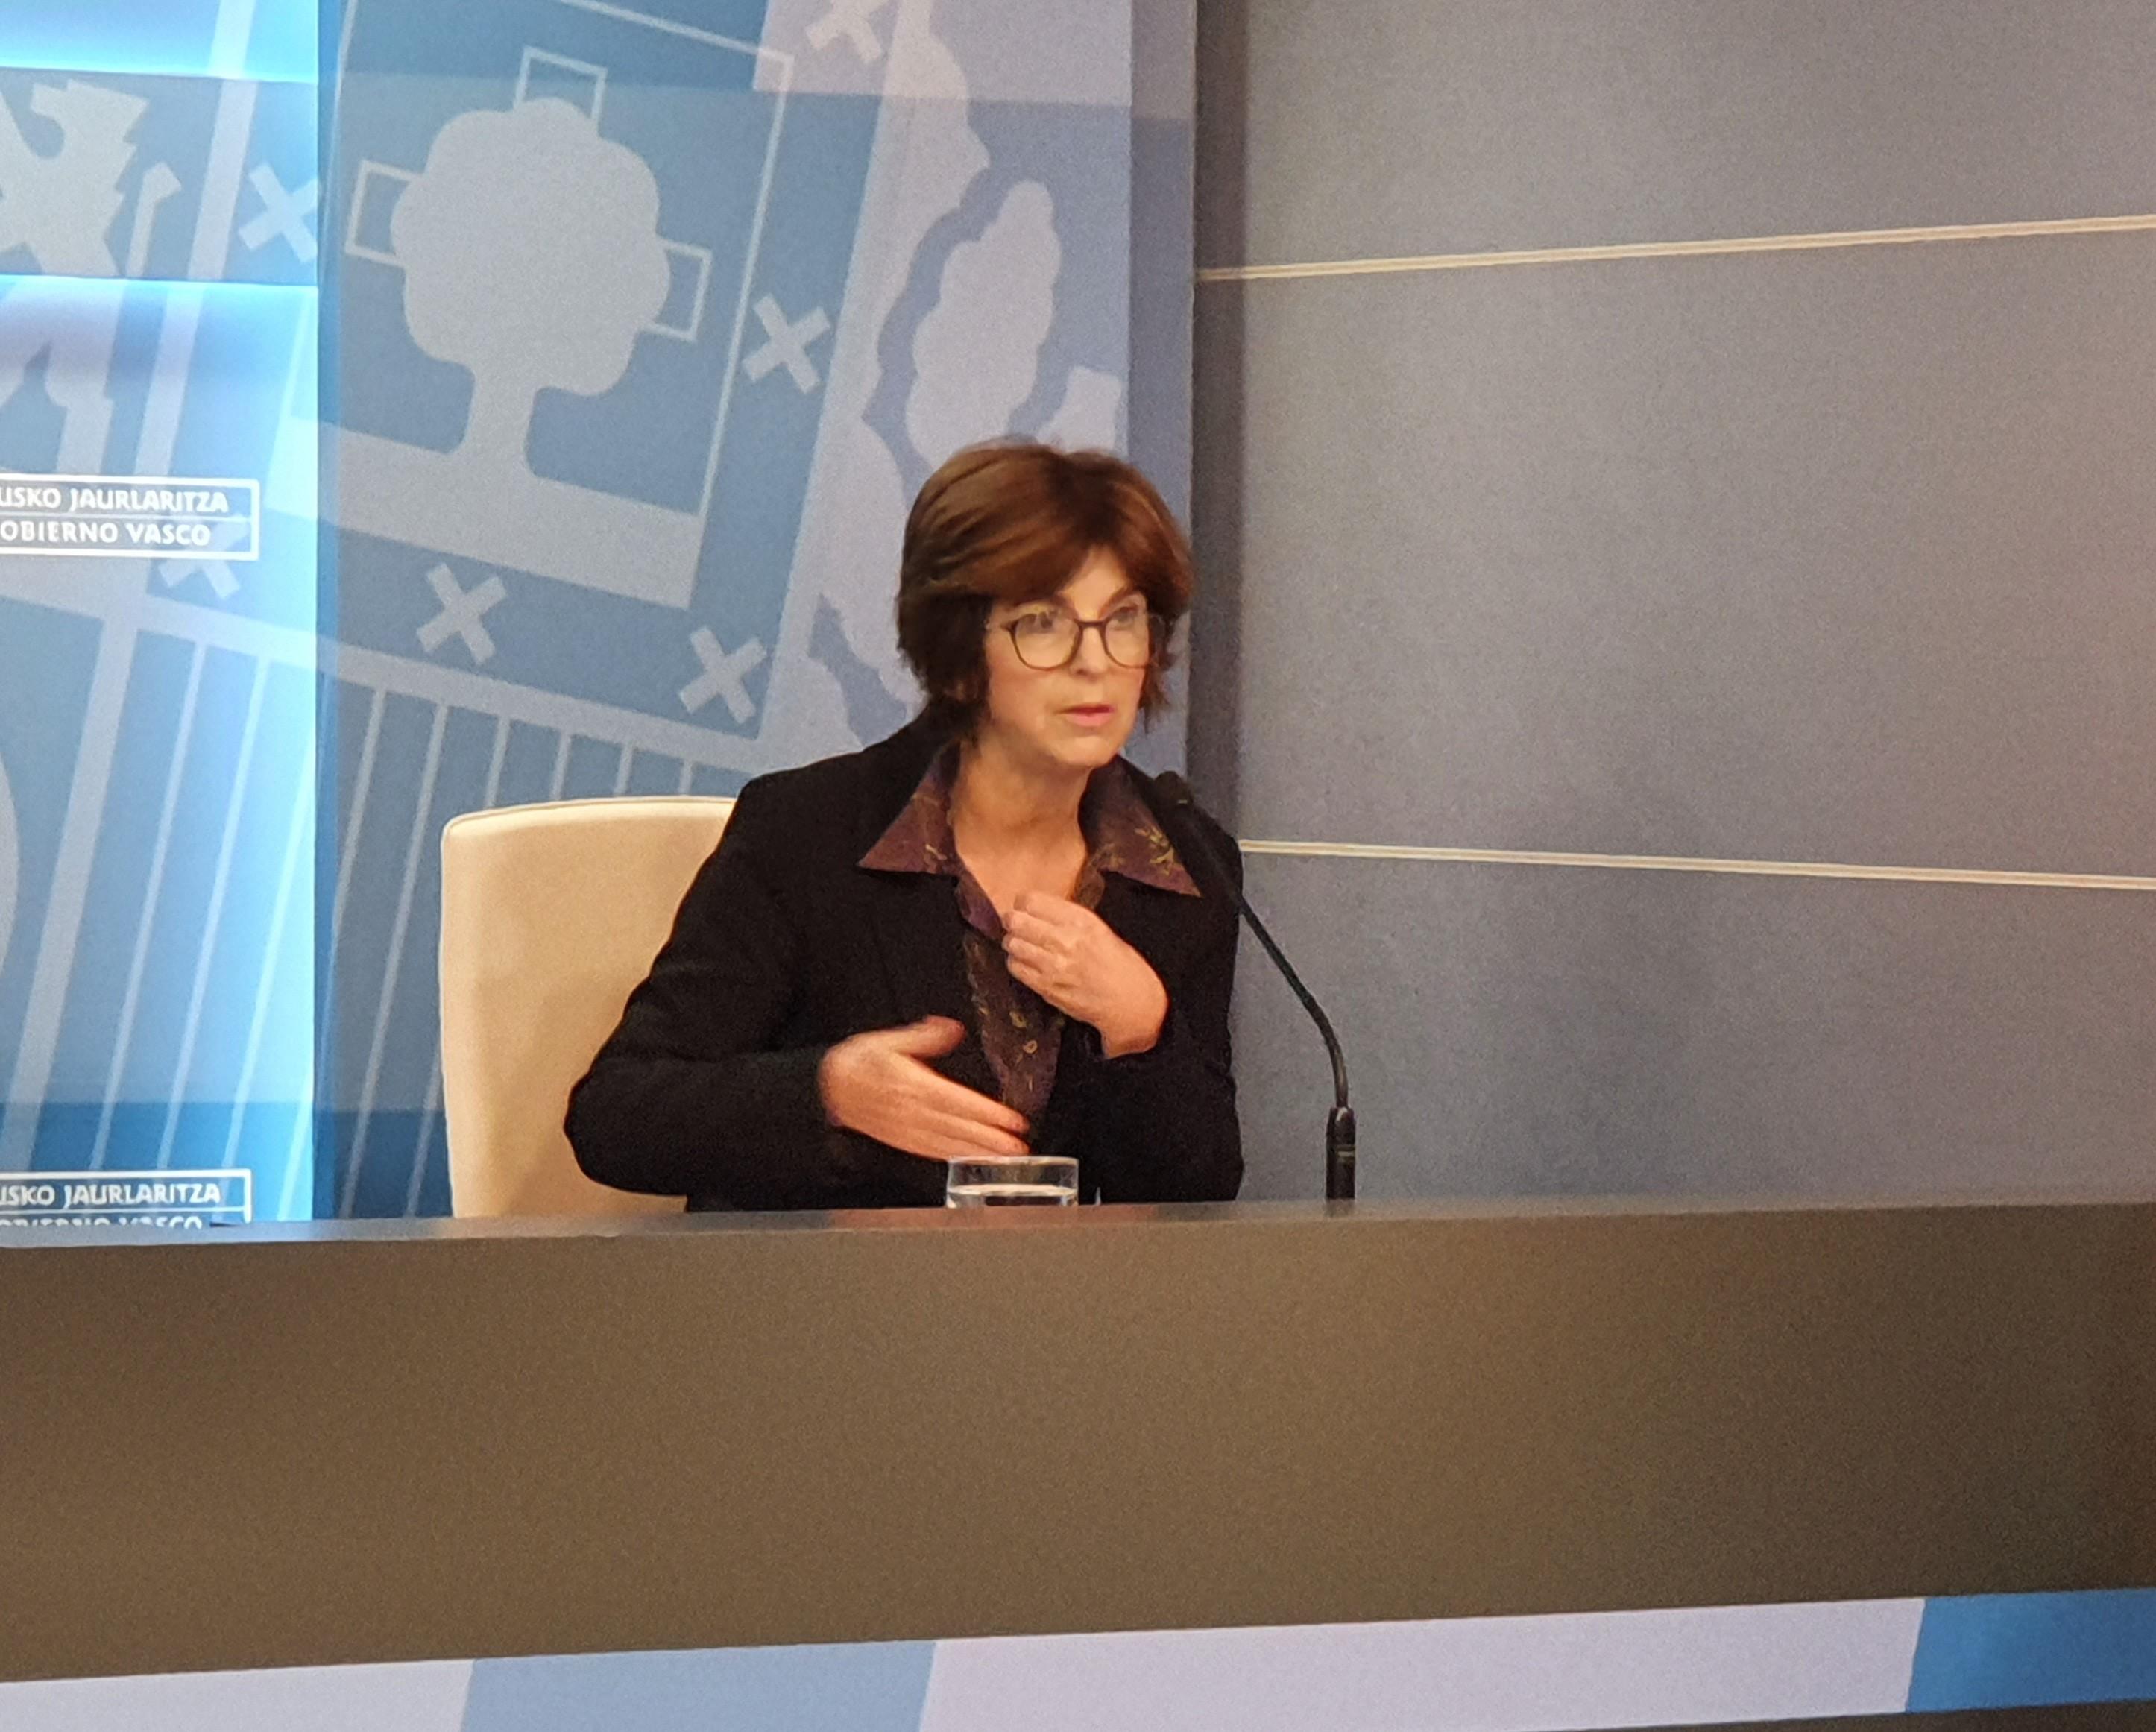 Actualización de datos COVID-19 en Euskadi [22:38]